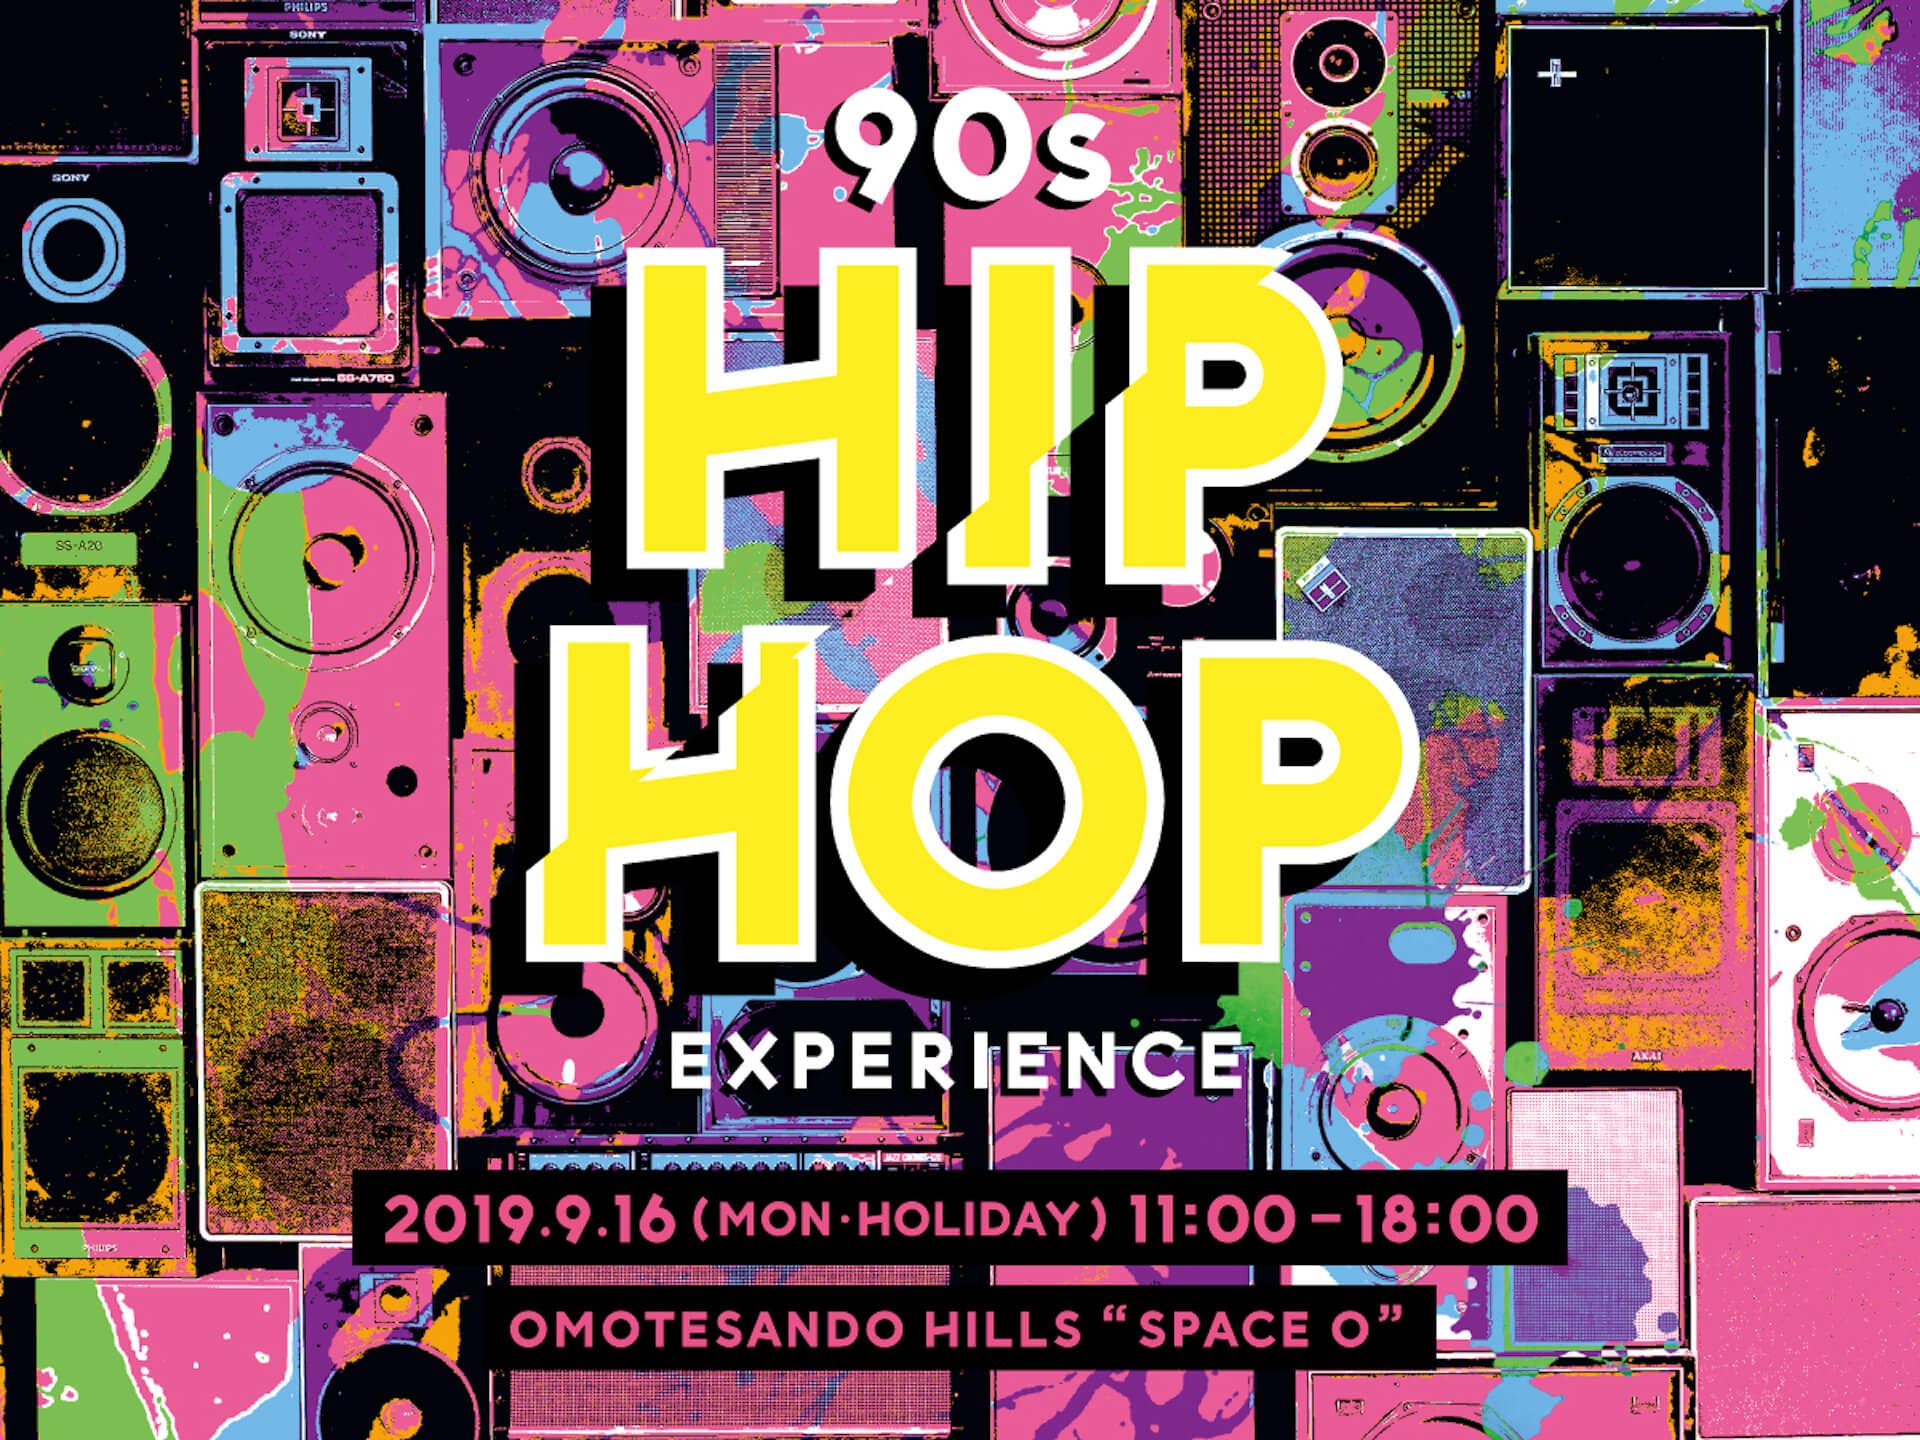 90年代ヒップホップ黄金期を体験できる1日限定プログラム<90s HIP HOP EXPERIENCE>が開催 film190915-90shiphopexperience